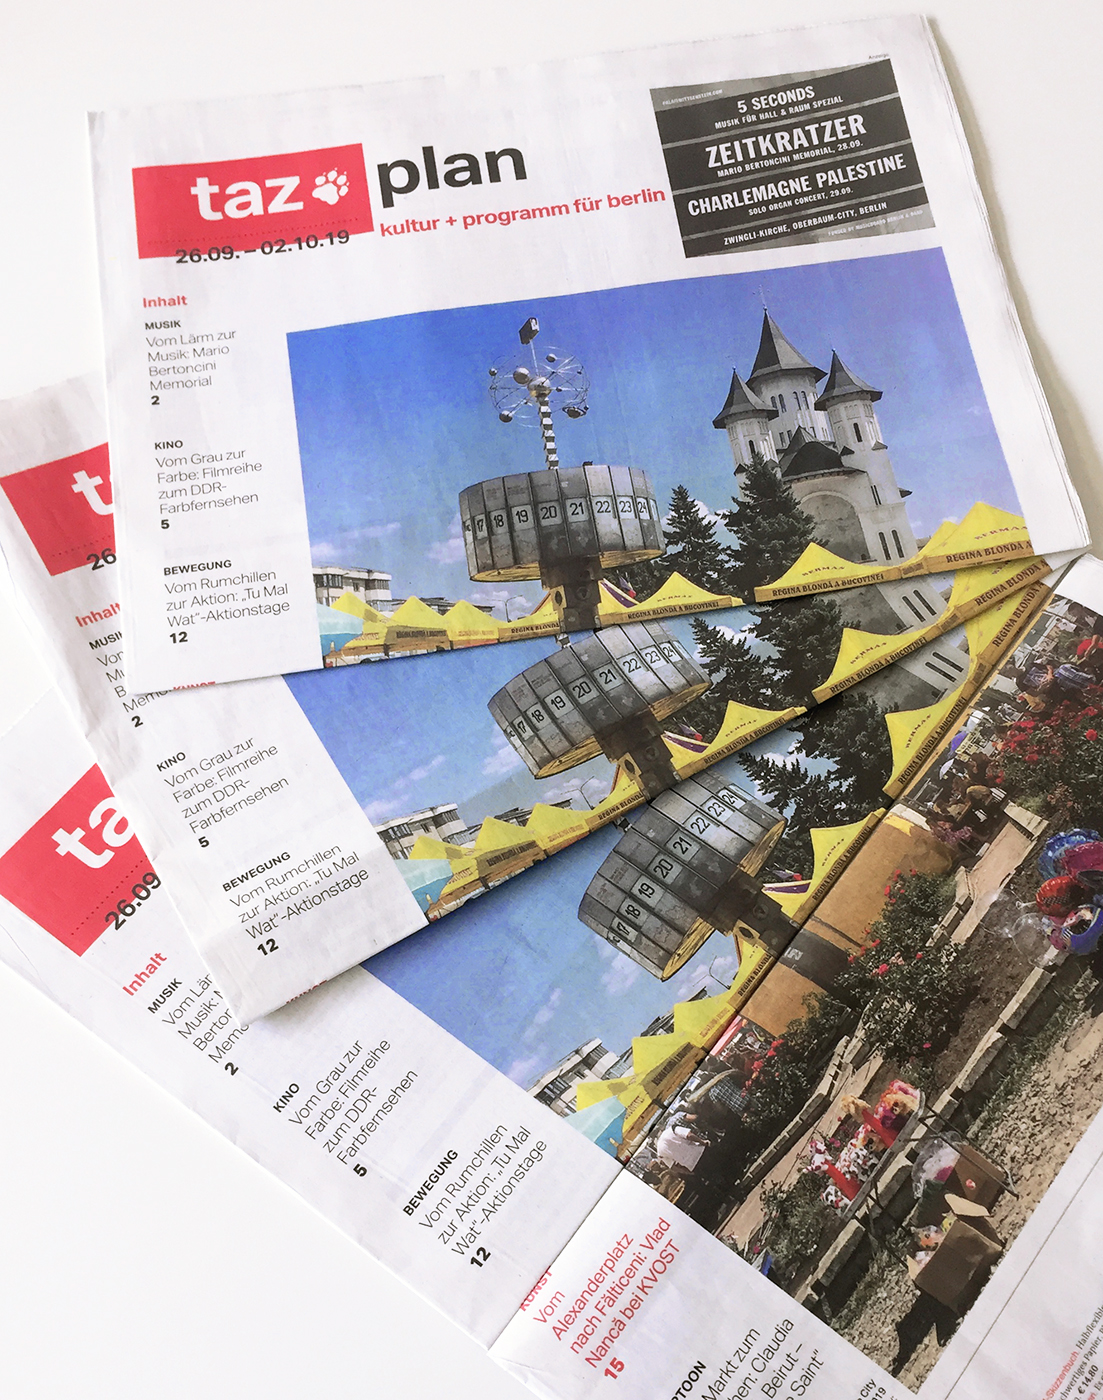 taz plan / Ausstellungsempfehlung / Berlin